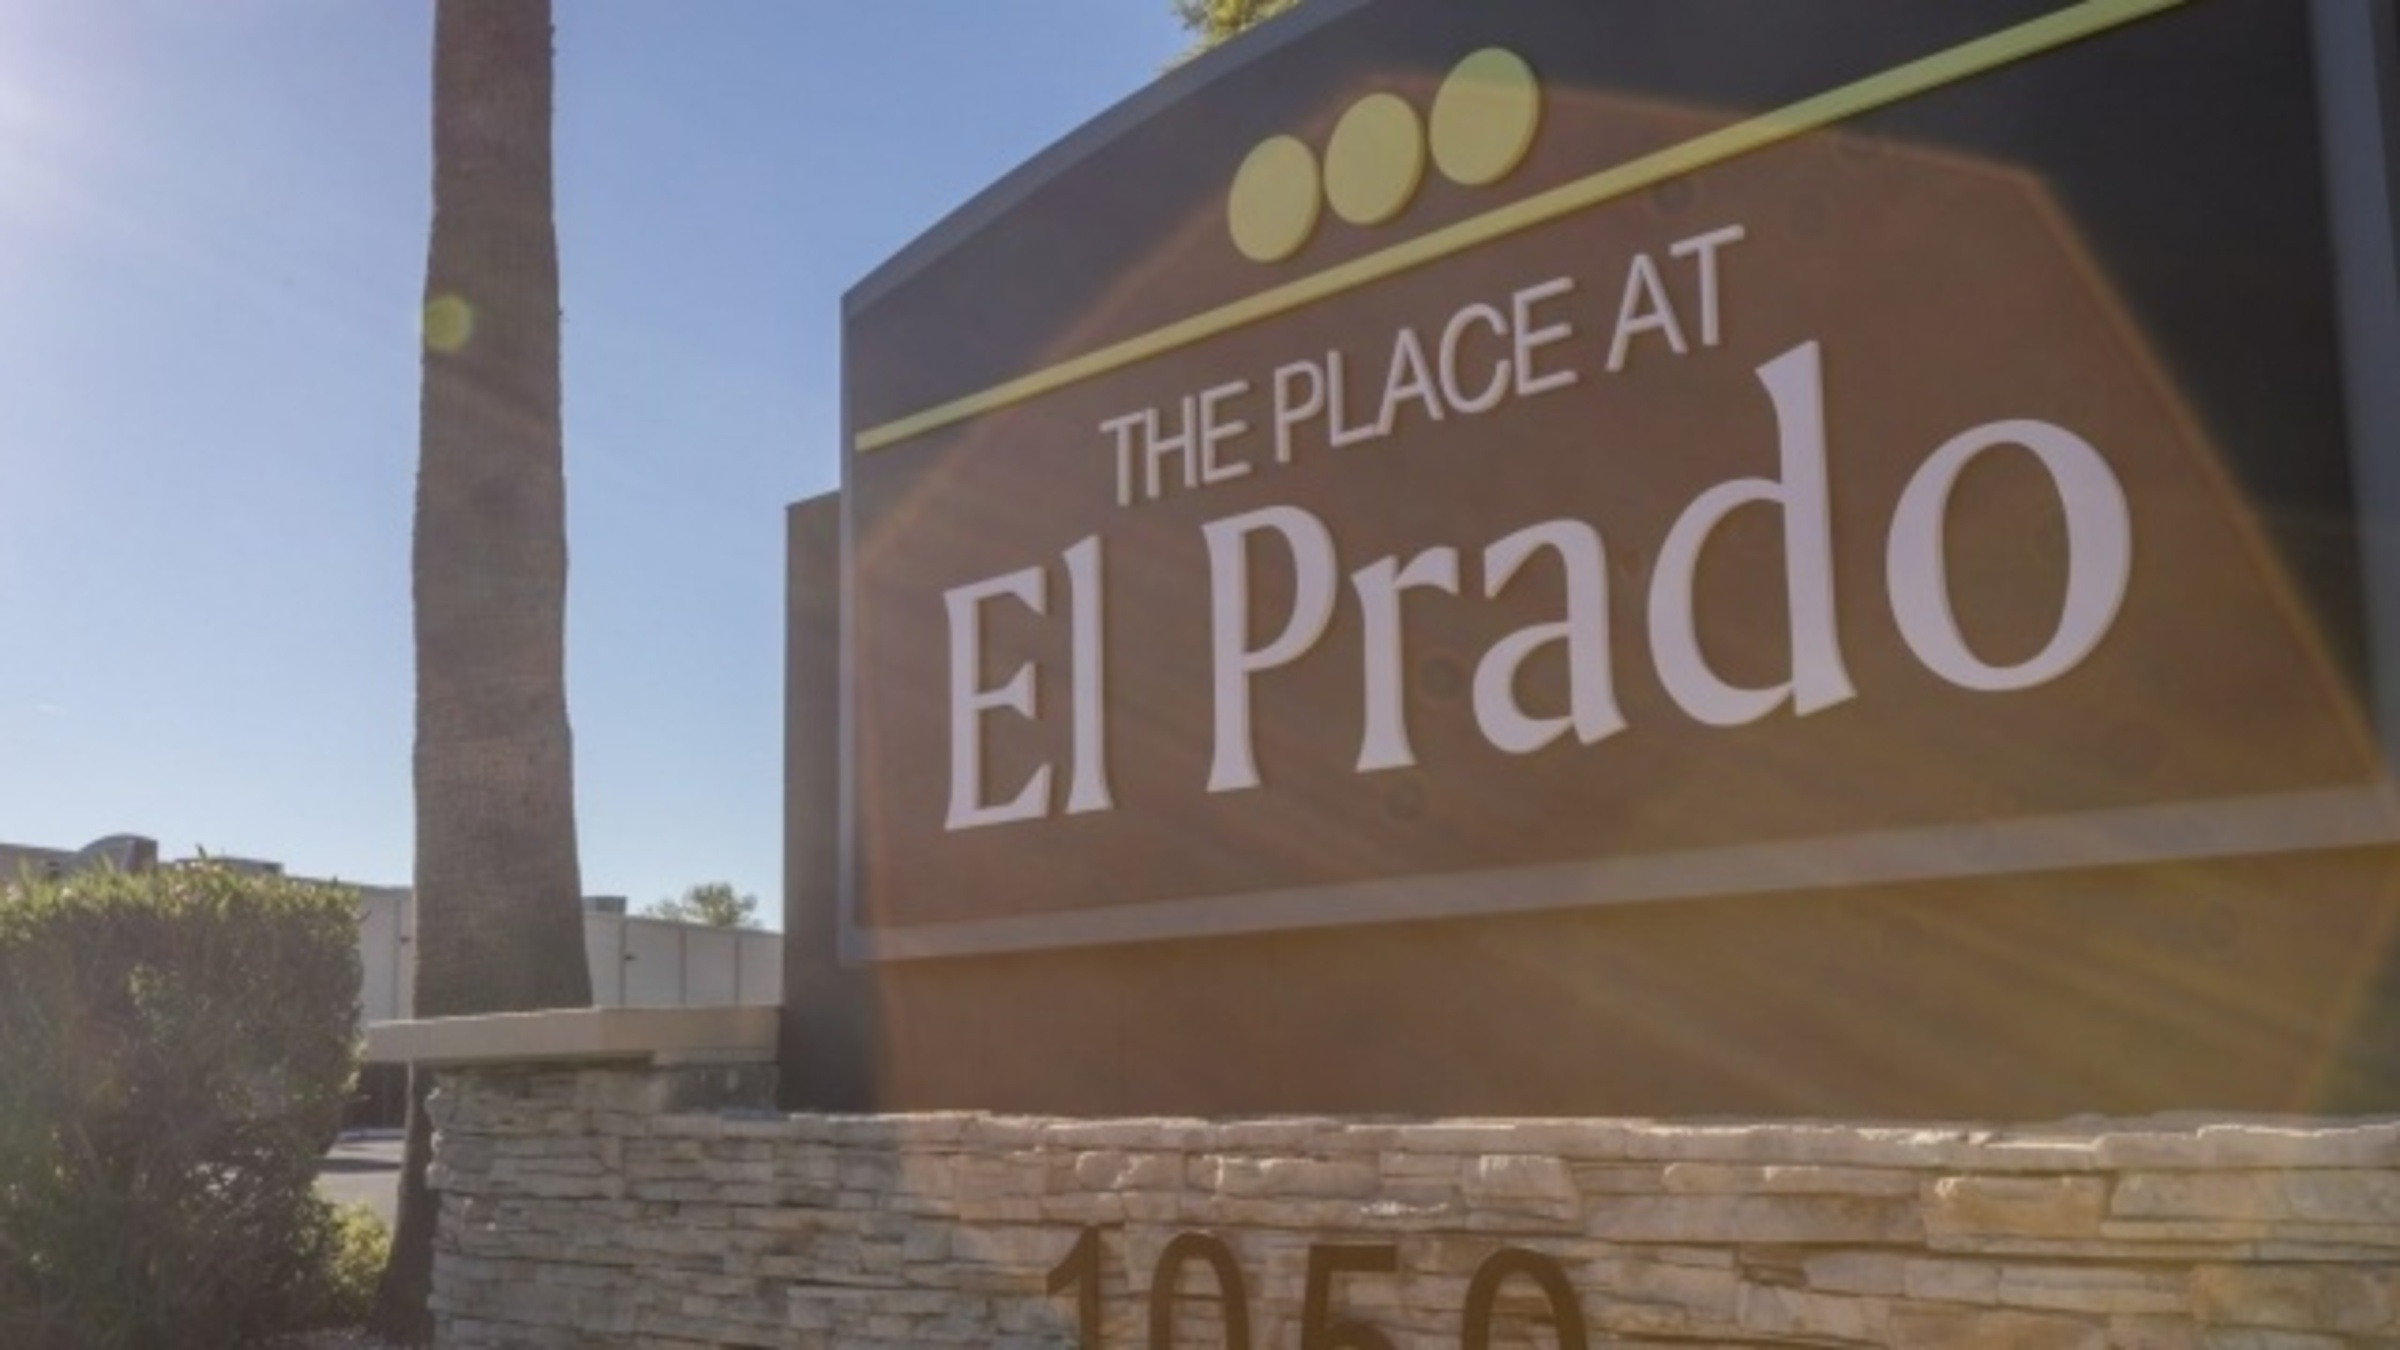 The Place at El Prado 299